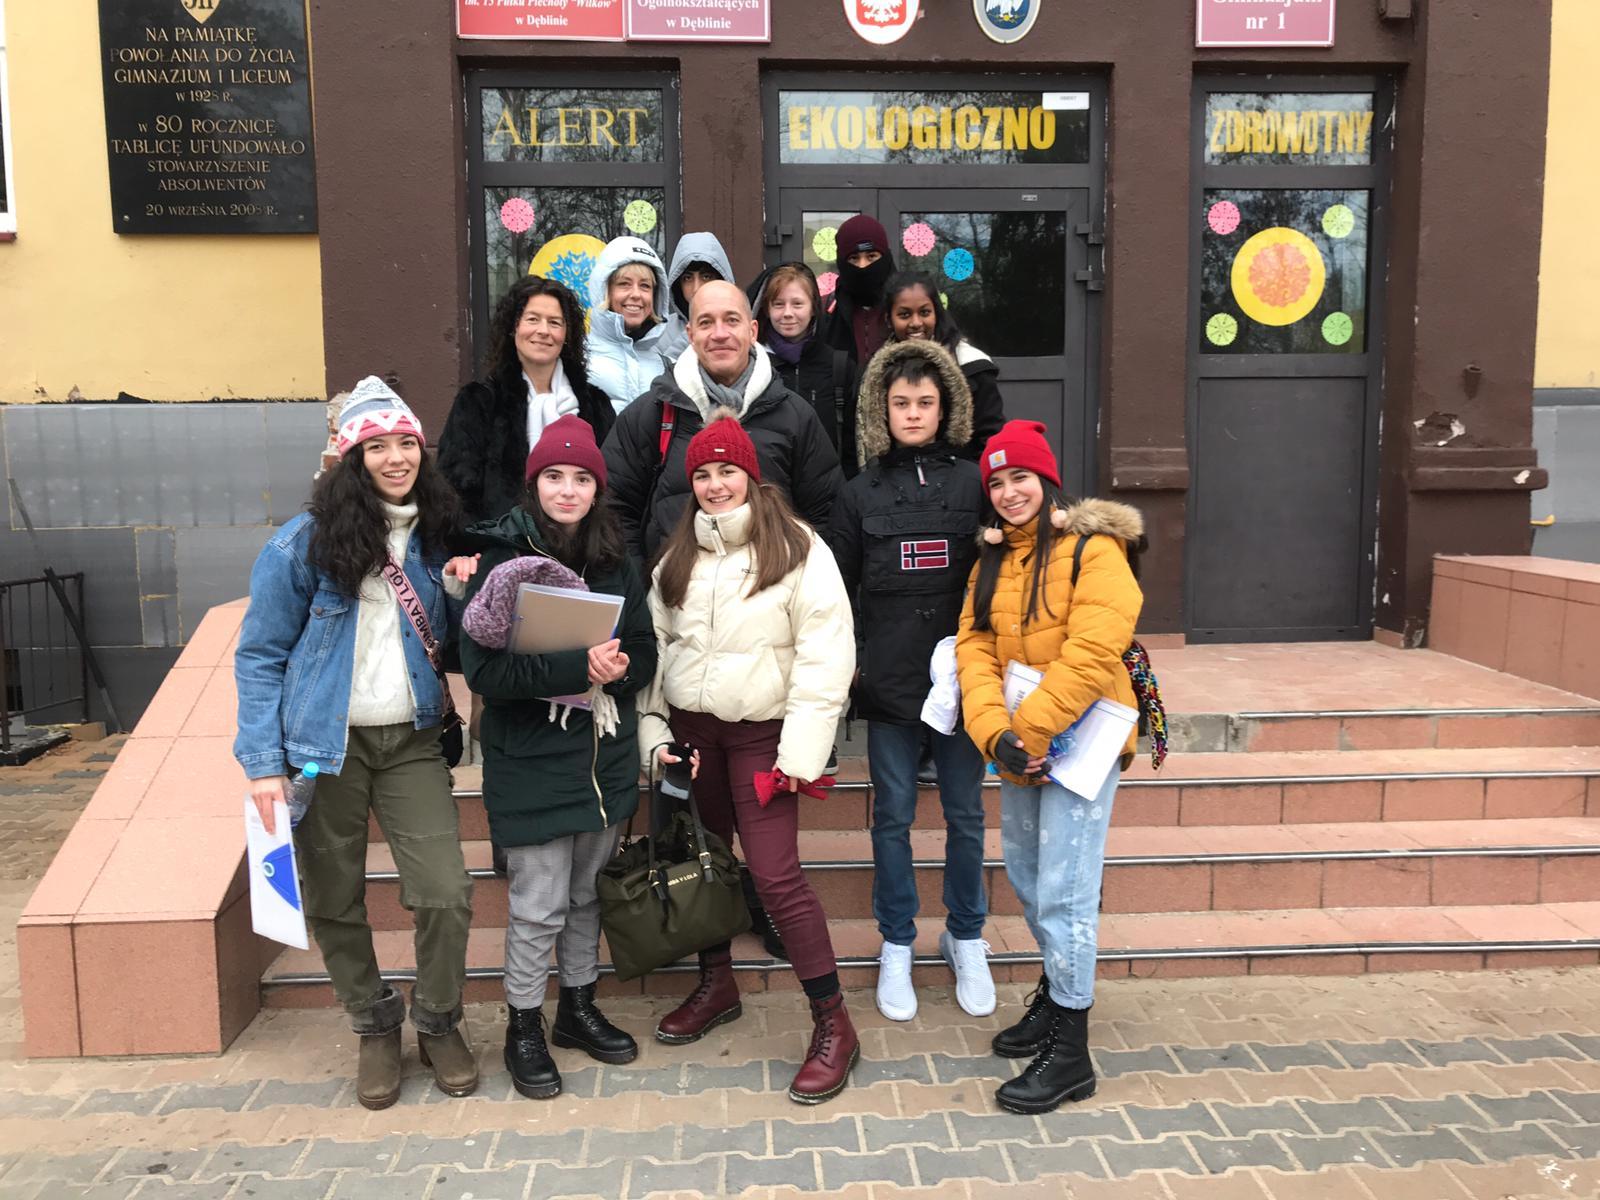 Primeros días de nuestros Erasmus en Polonia